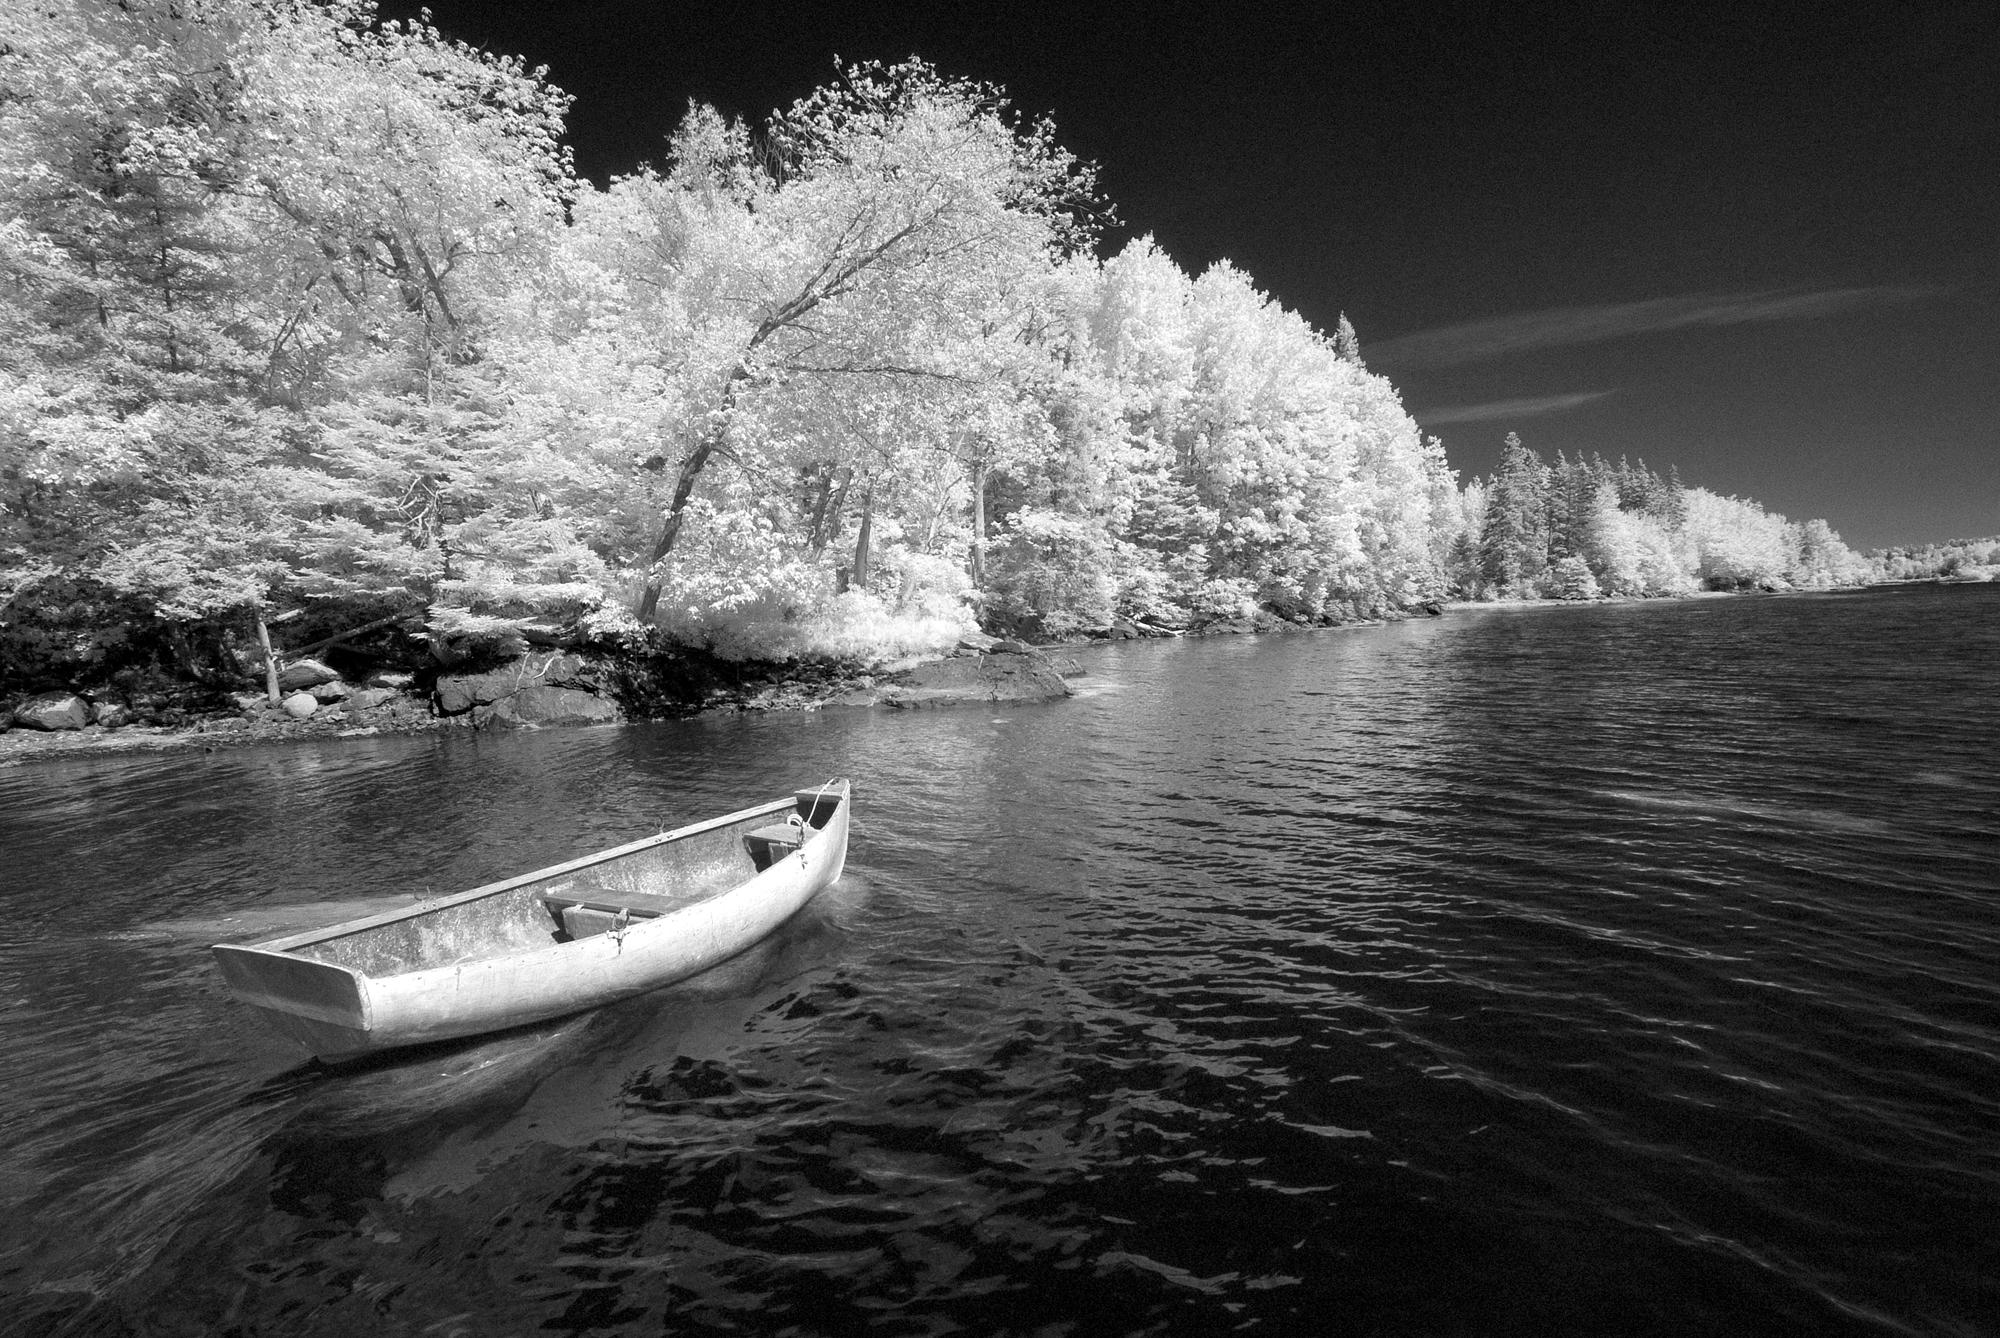 Meduncook River, Friendship ME